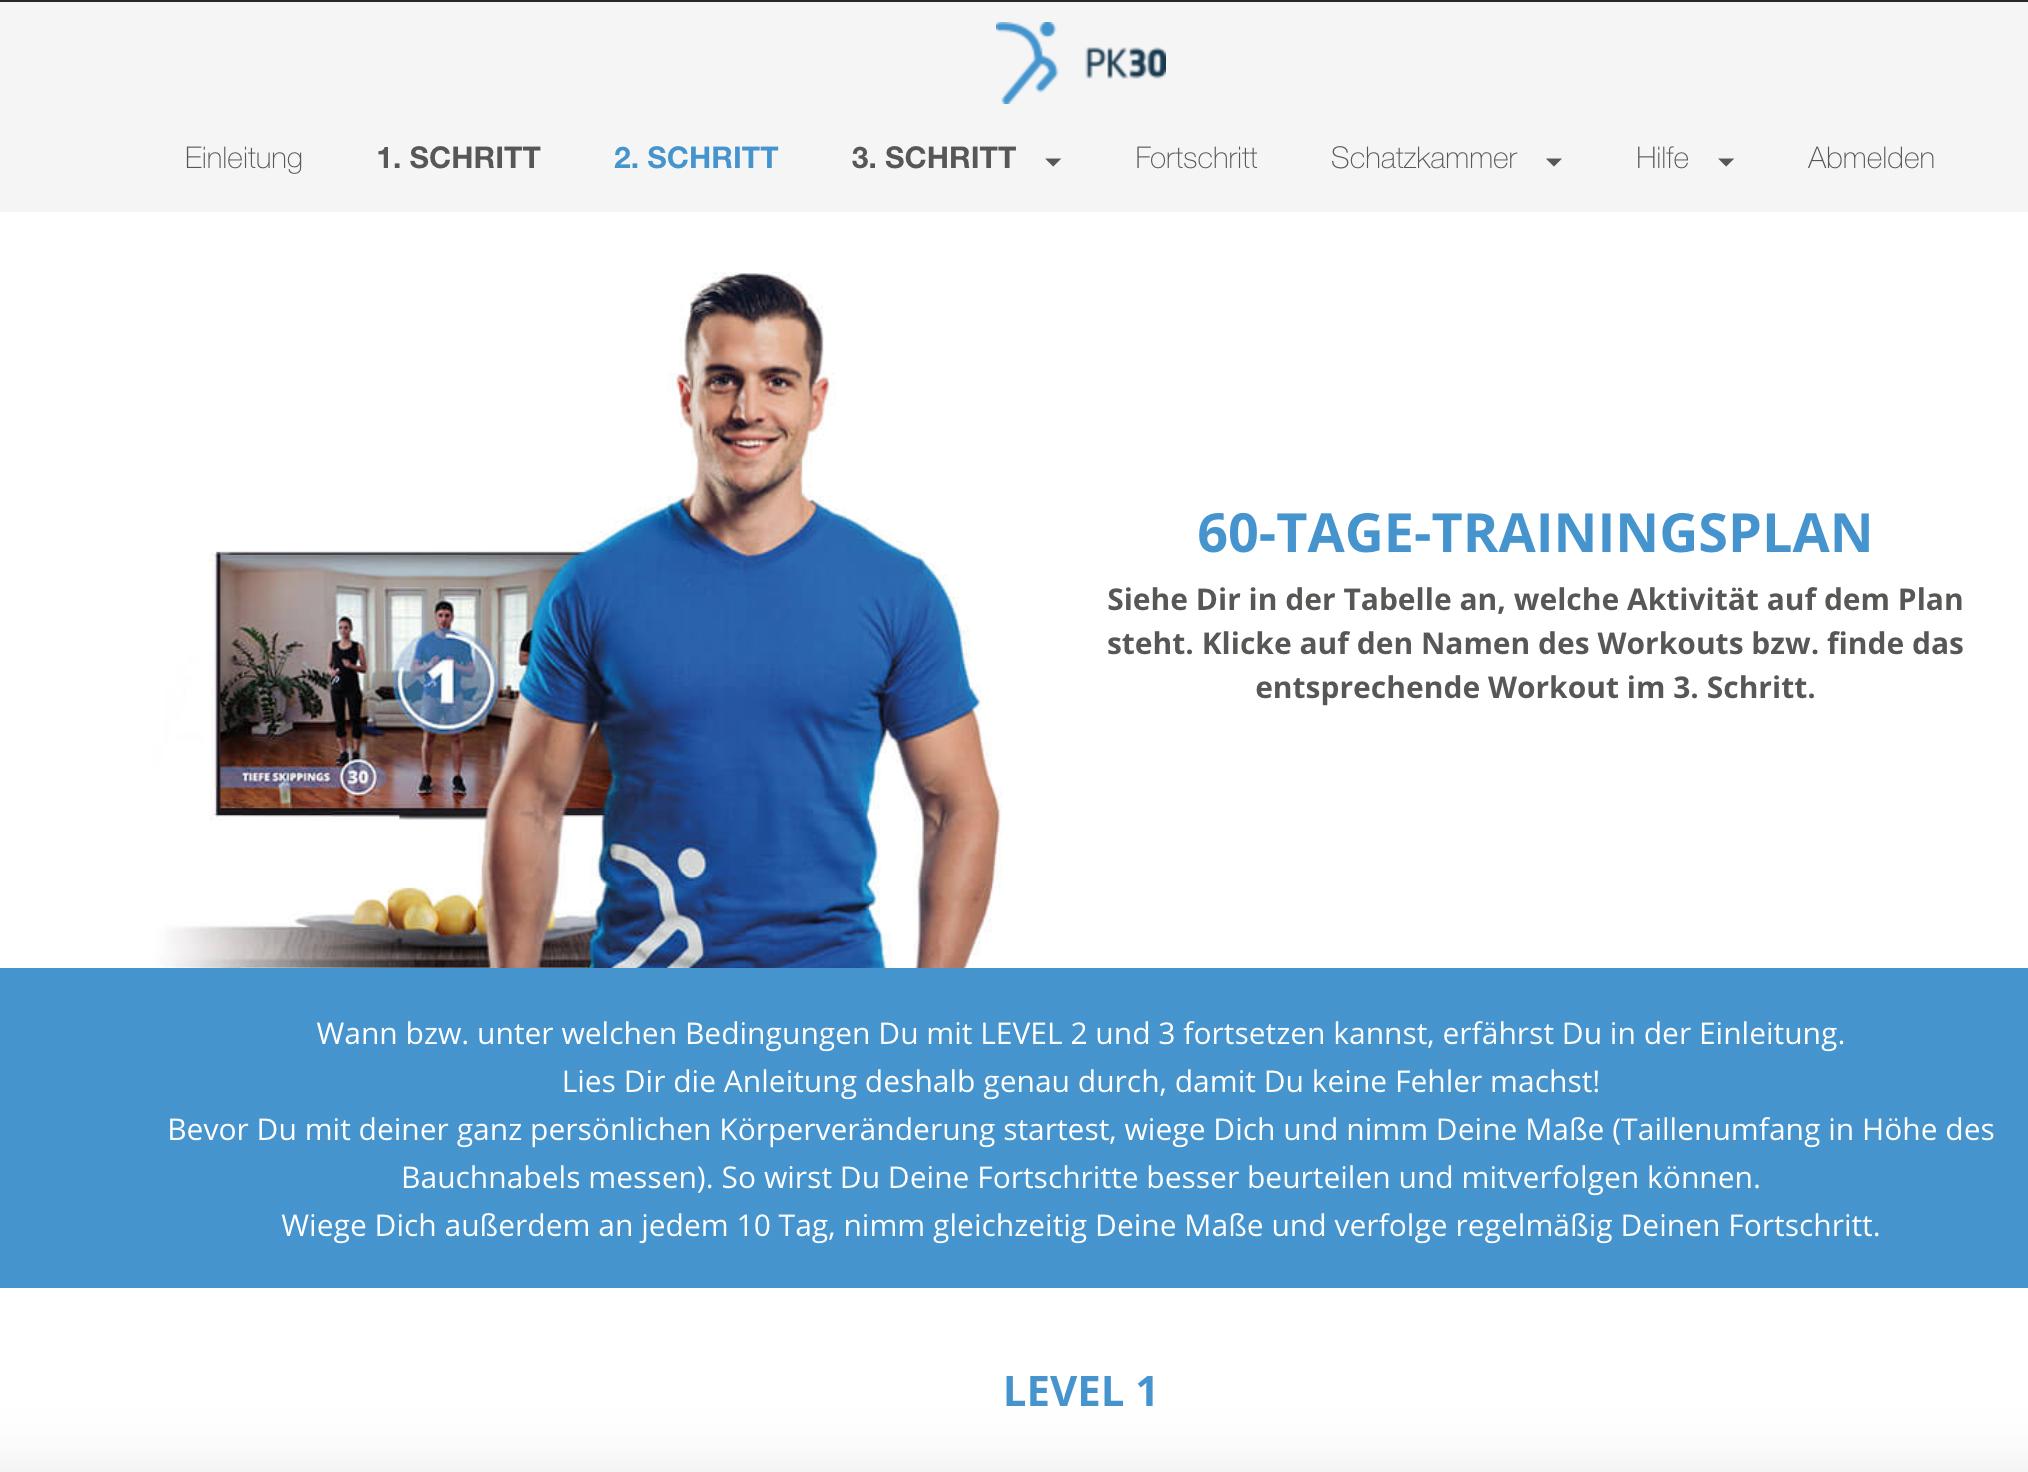 60 Tage Trainingsplan PK30 Workout Hit